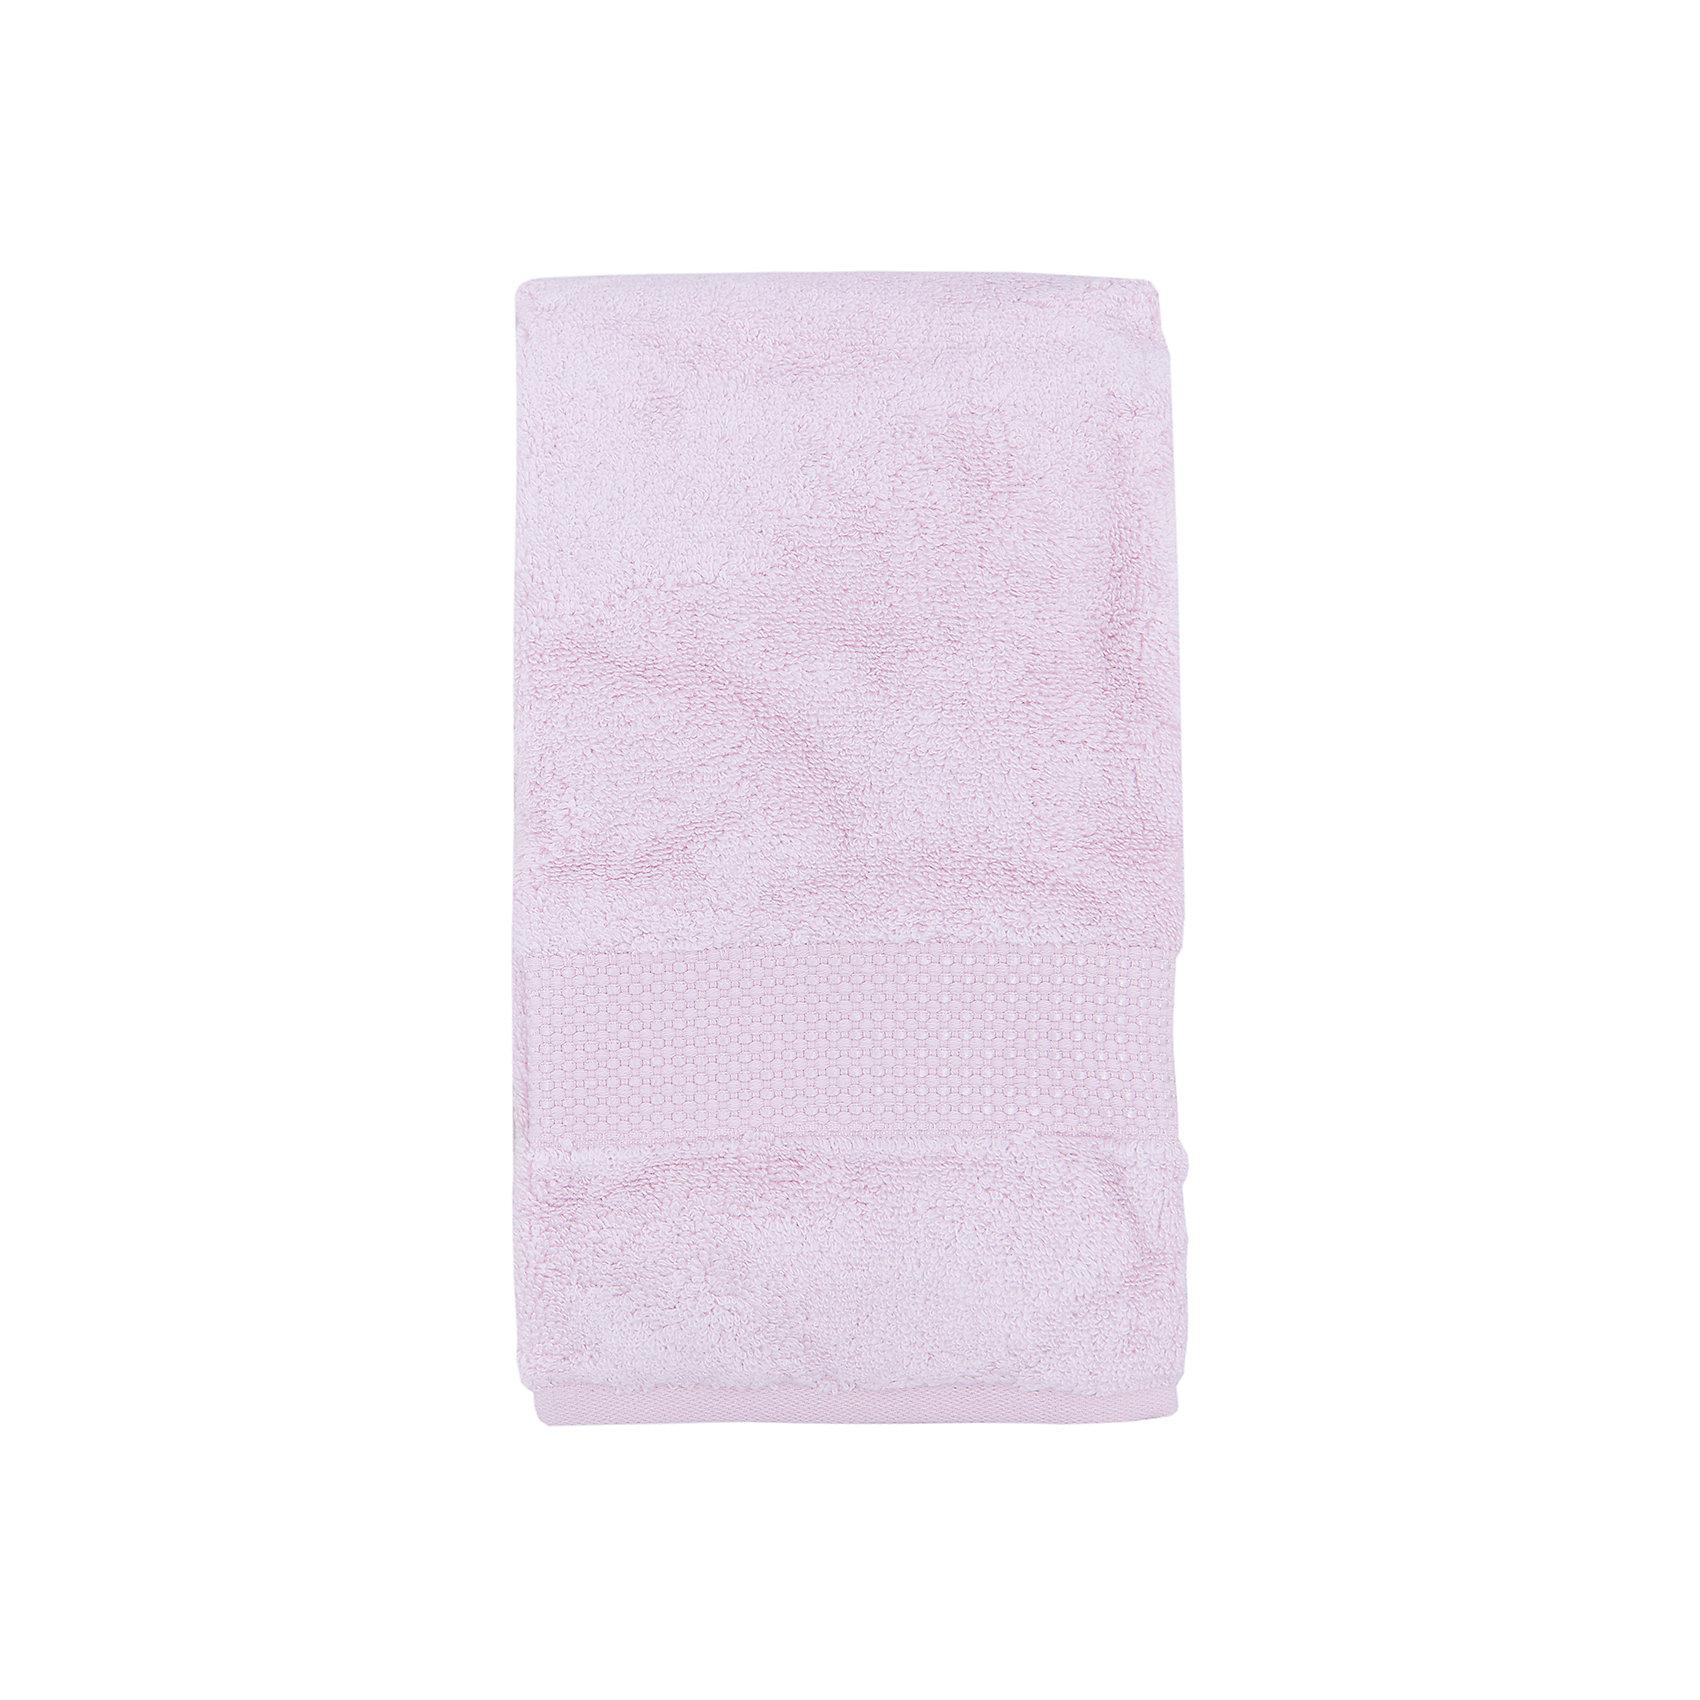 TAC Полотенце ELMORE махровое 50*90 Бамбук, TAC, чайная роза tac полотенце bloom махровое 50 90 бамбук tac сиреневый